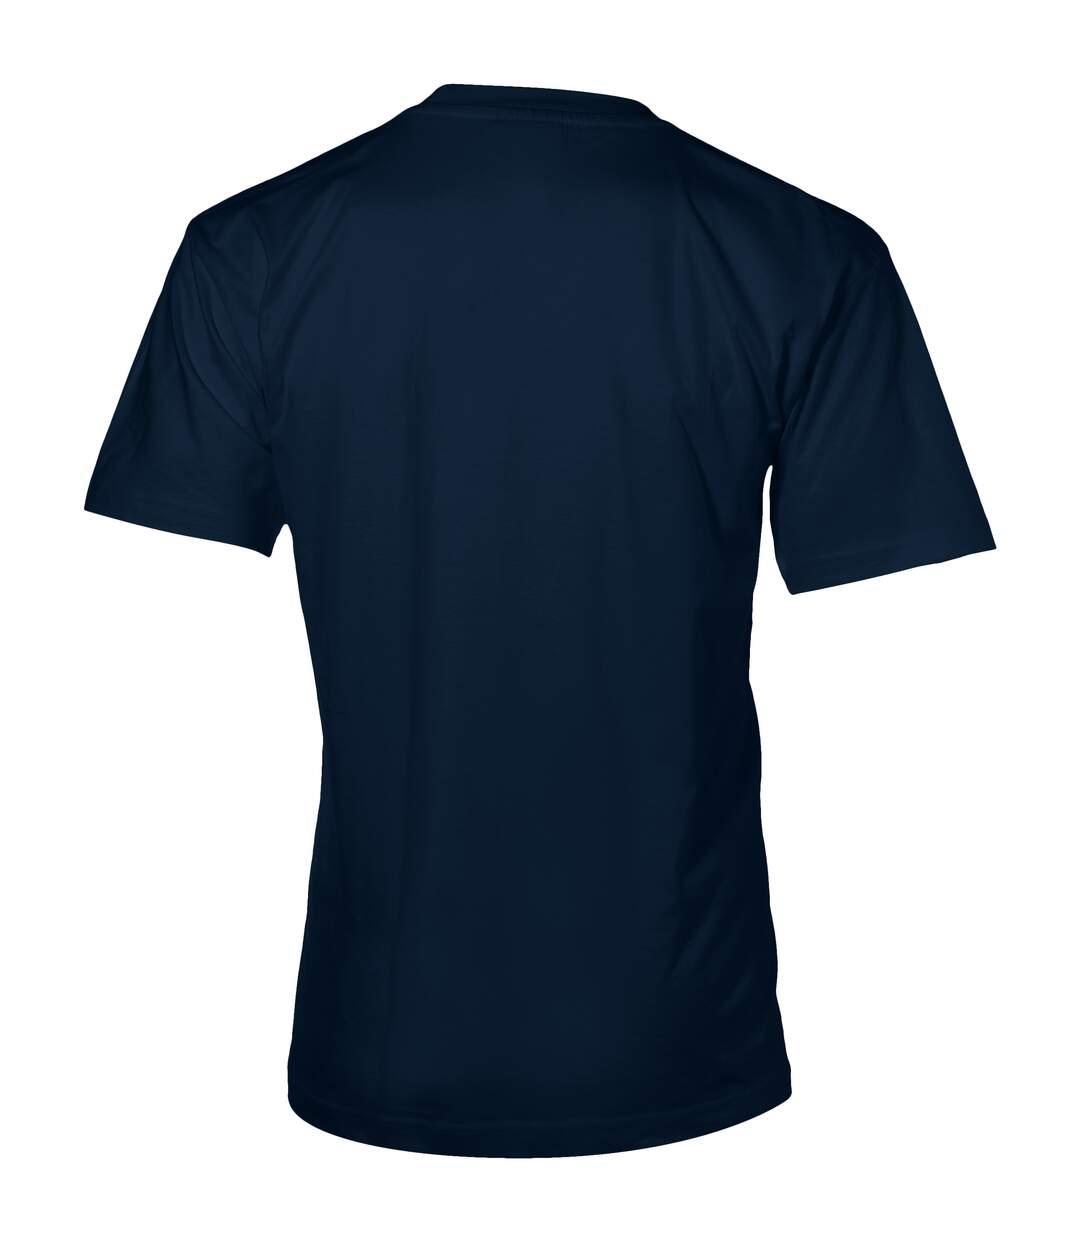 Slazenger Mens Return Ace Short Sleeve T-Shirt (Navy) - UTPF1804